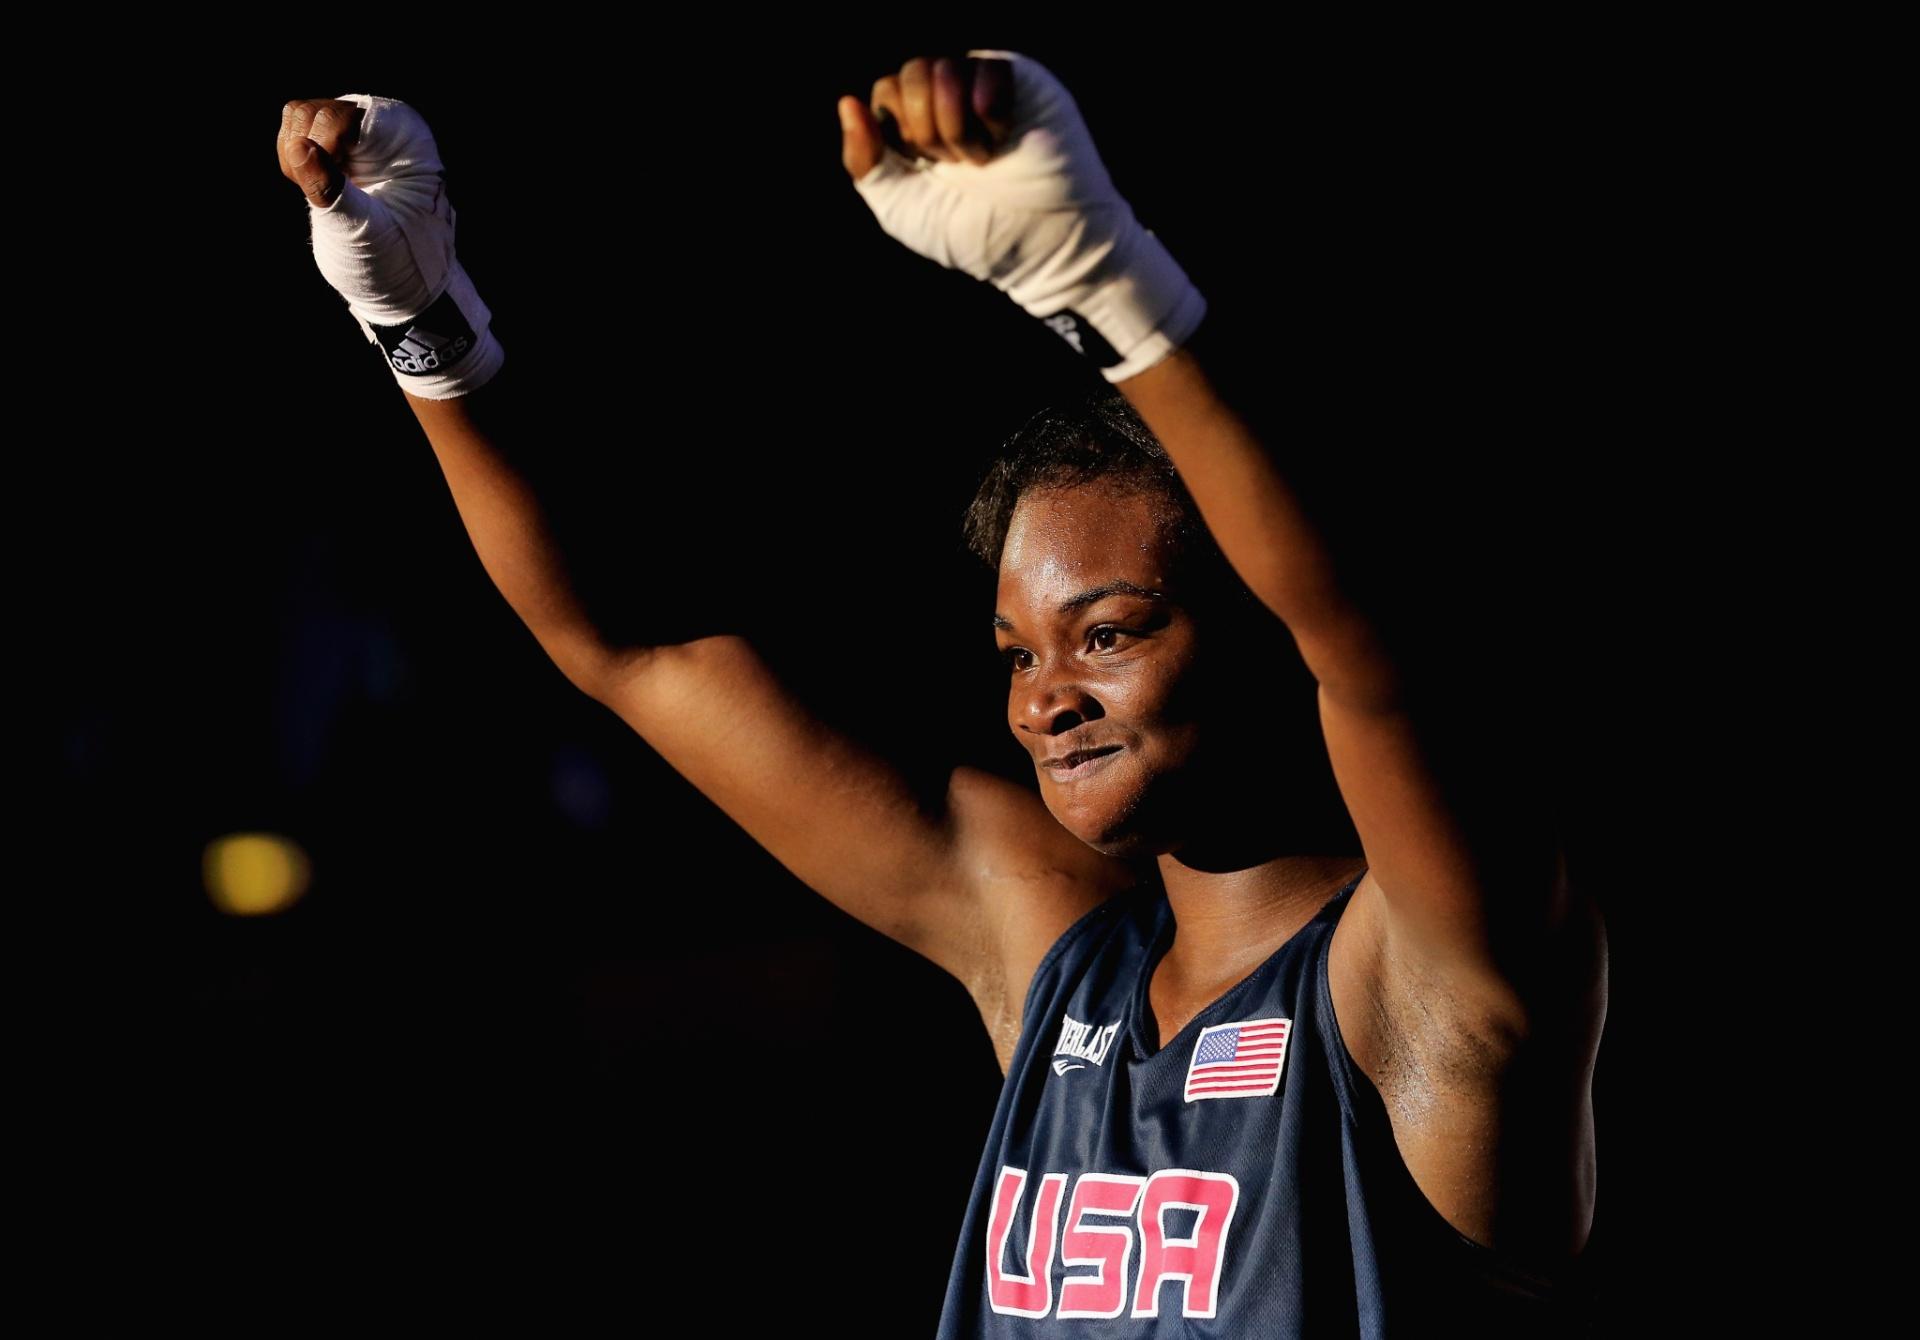 A americana Claressa Shields é campeão olímpica de boxe e não perde um combate há três anos